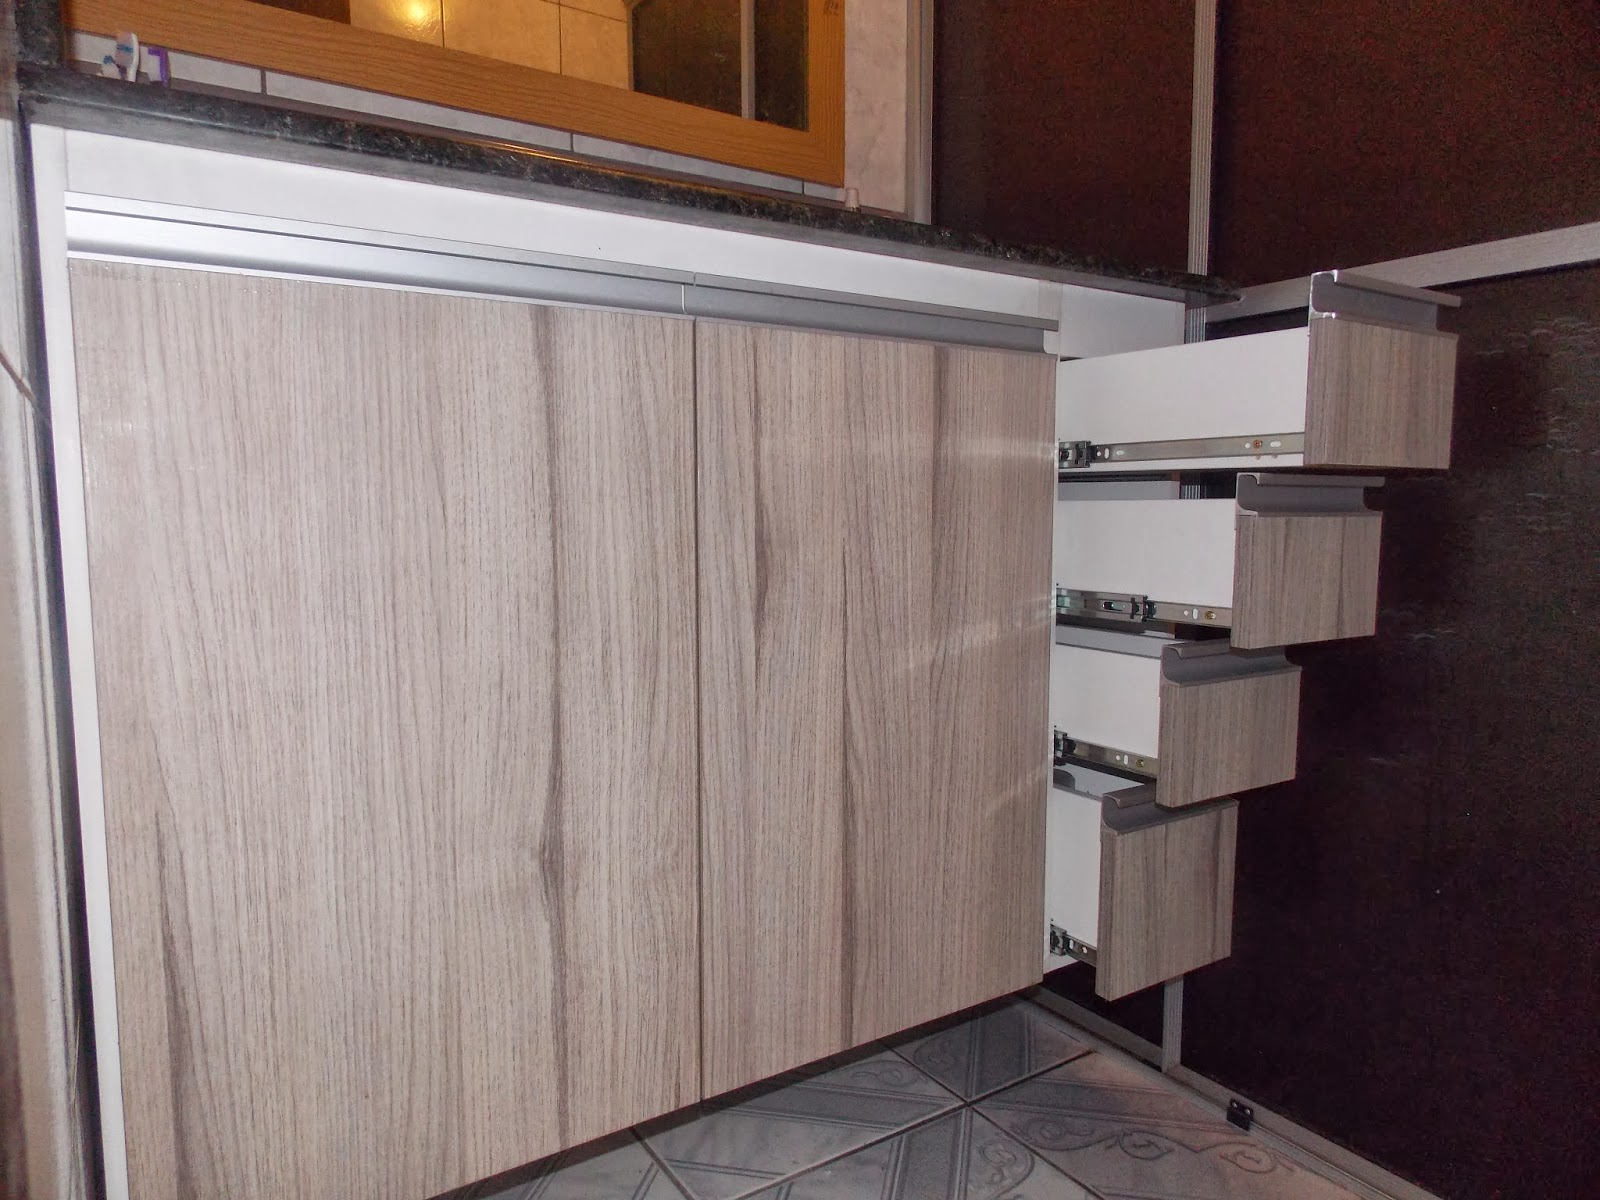 de Móveis Sob Medida MF Marcenaria: Armários de banheiro #9D642E 1600x1200 Armario Banheiro Sob Medida